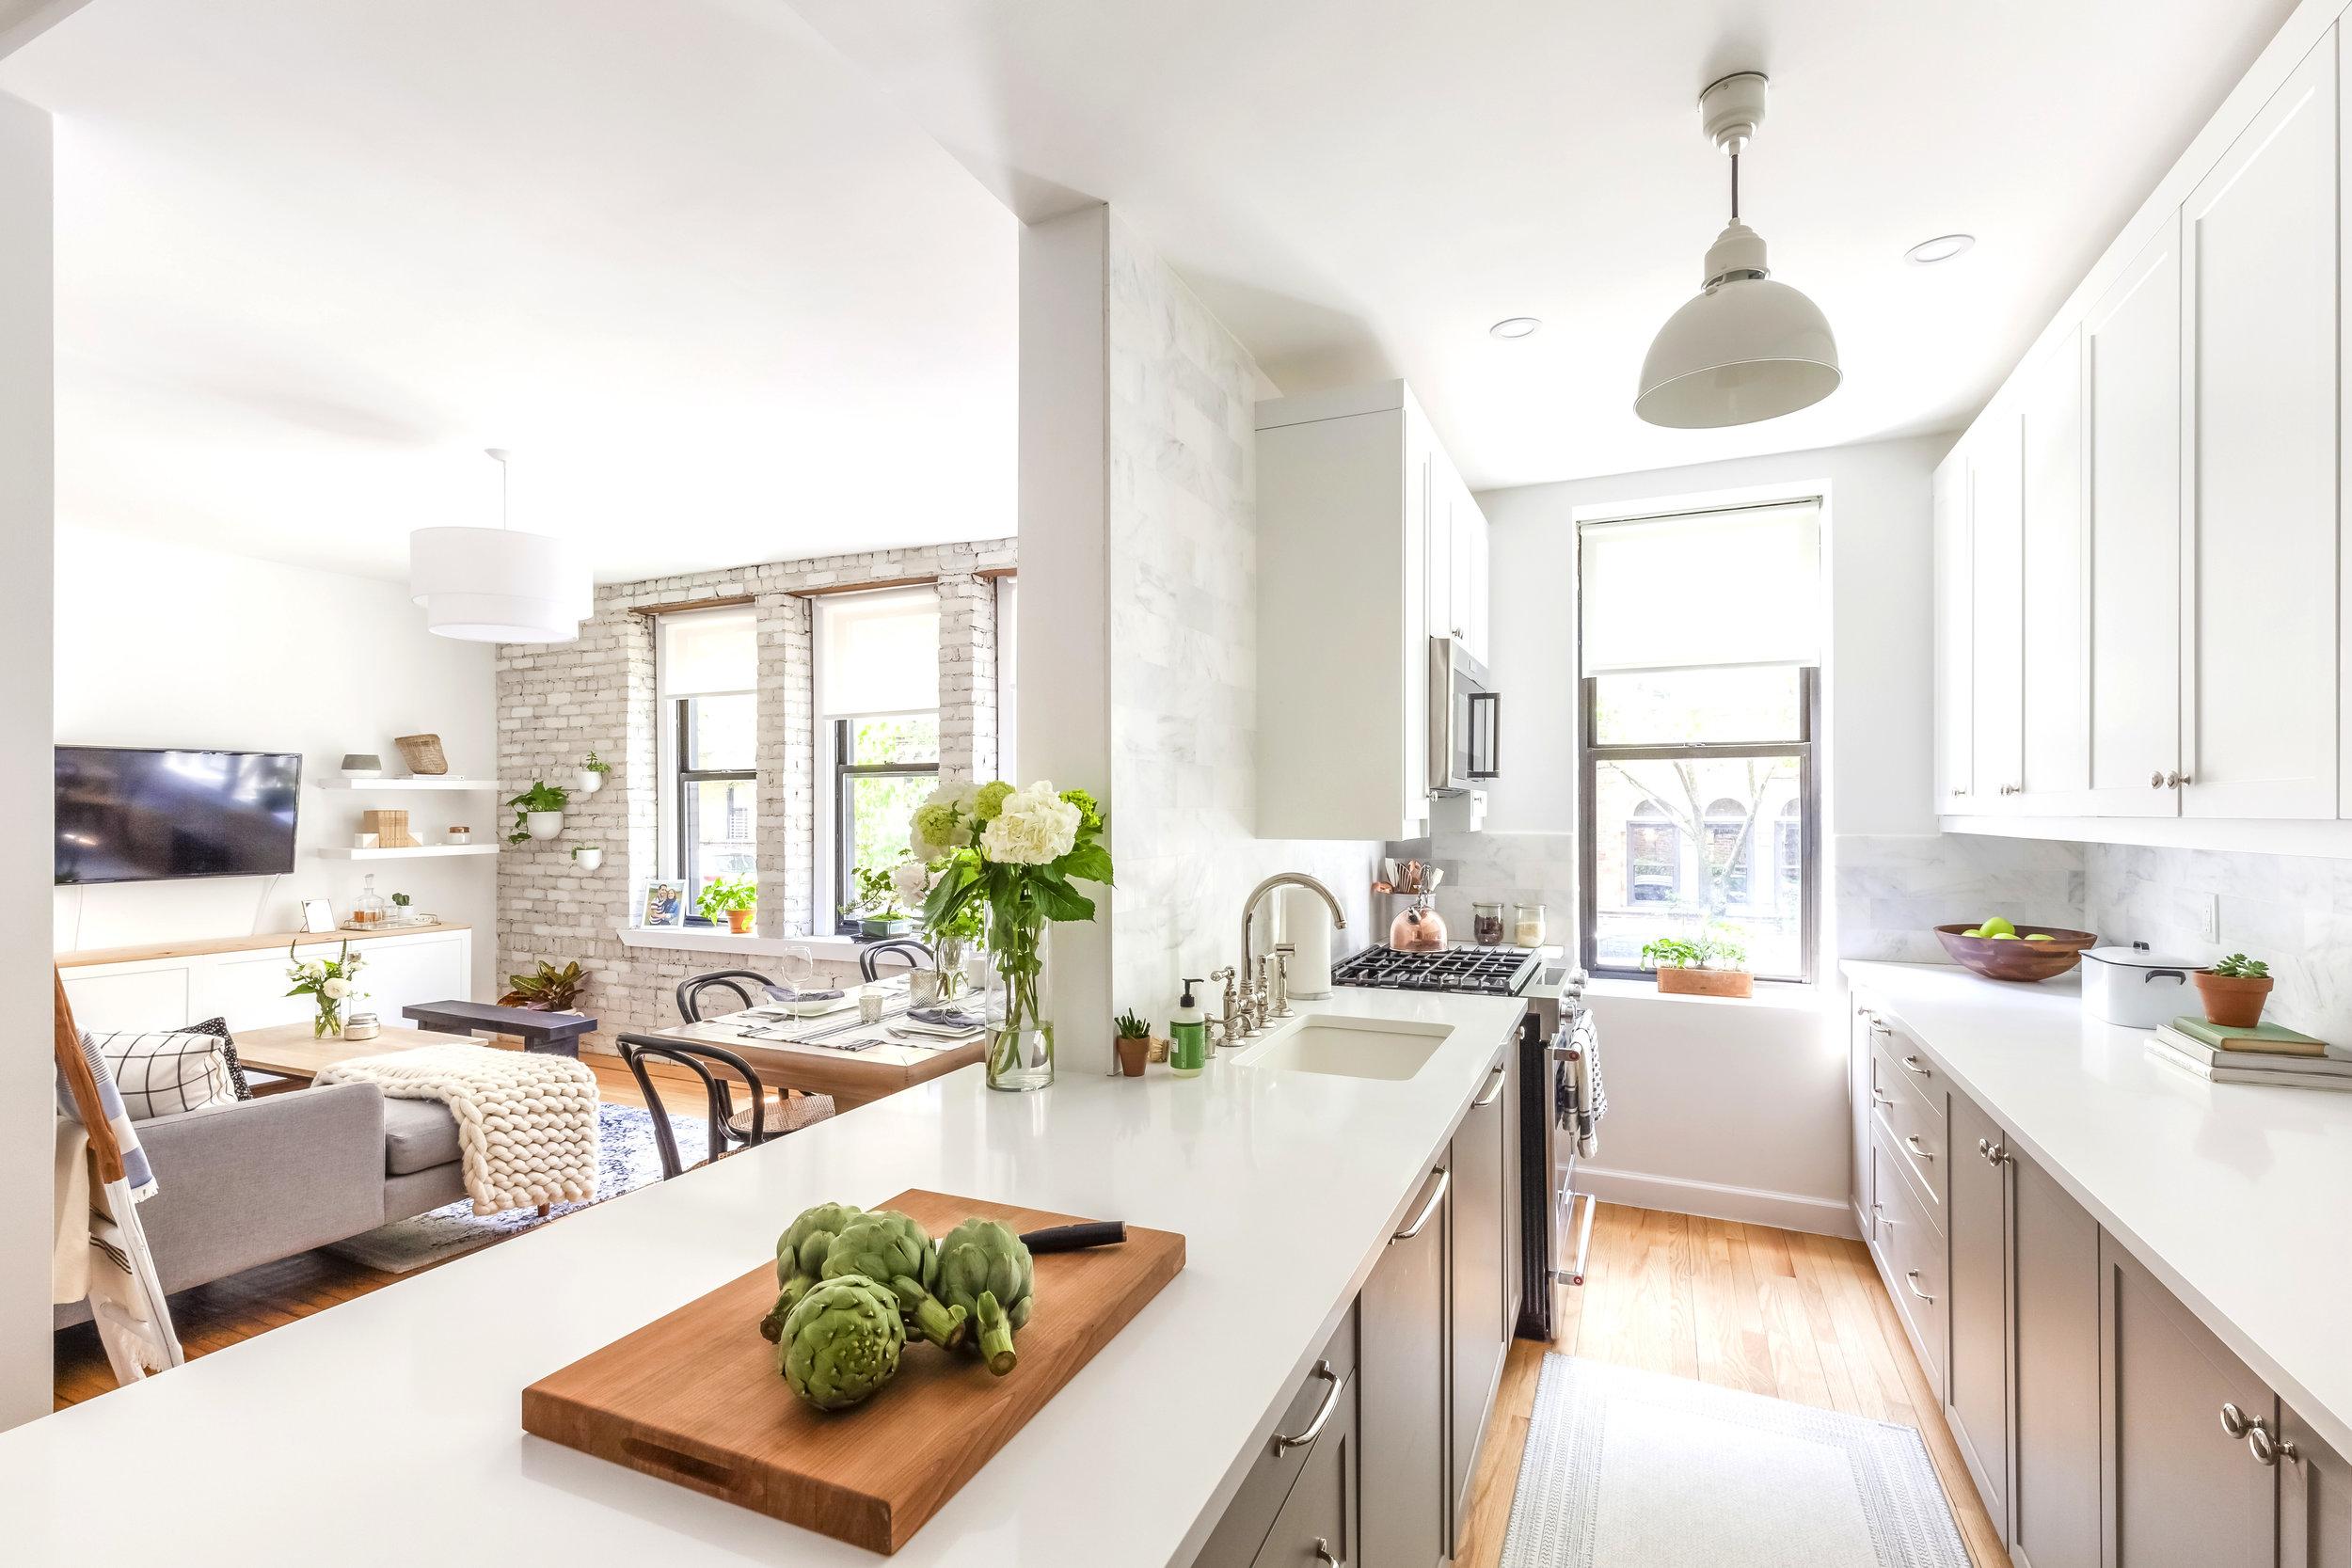 A kitchen renovation by Sweeten